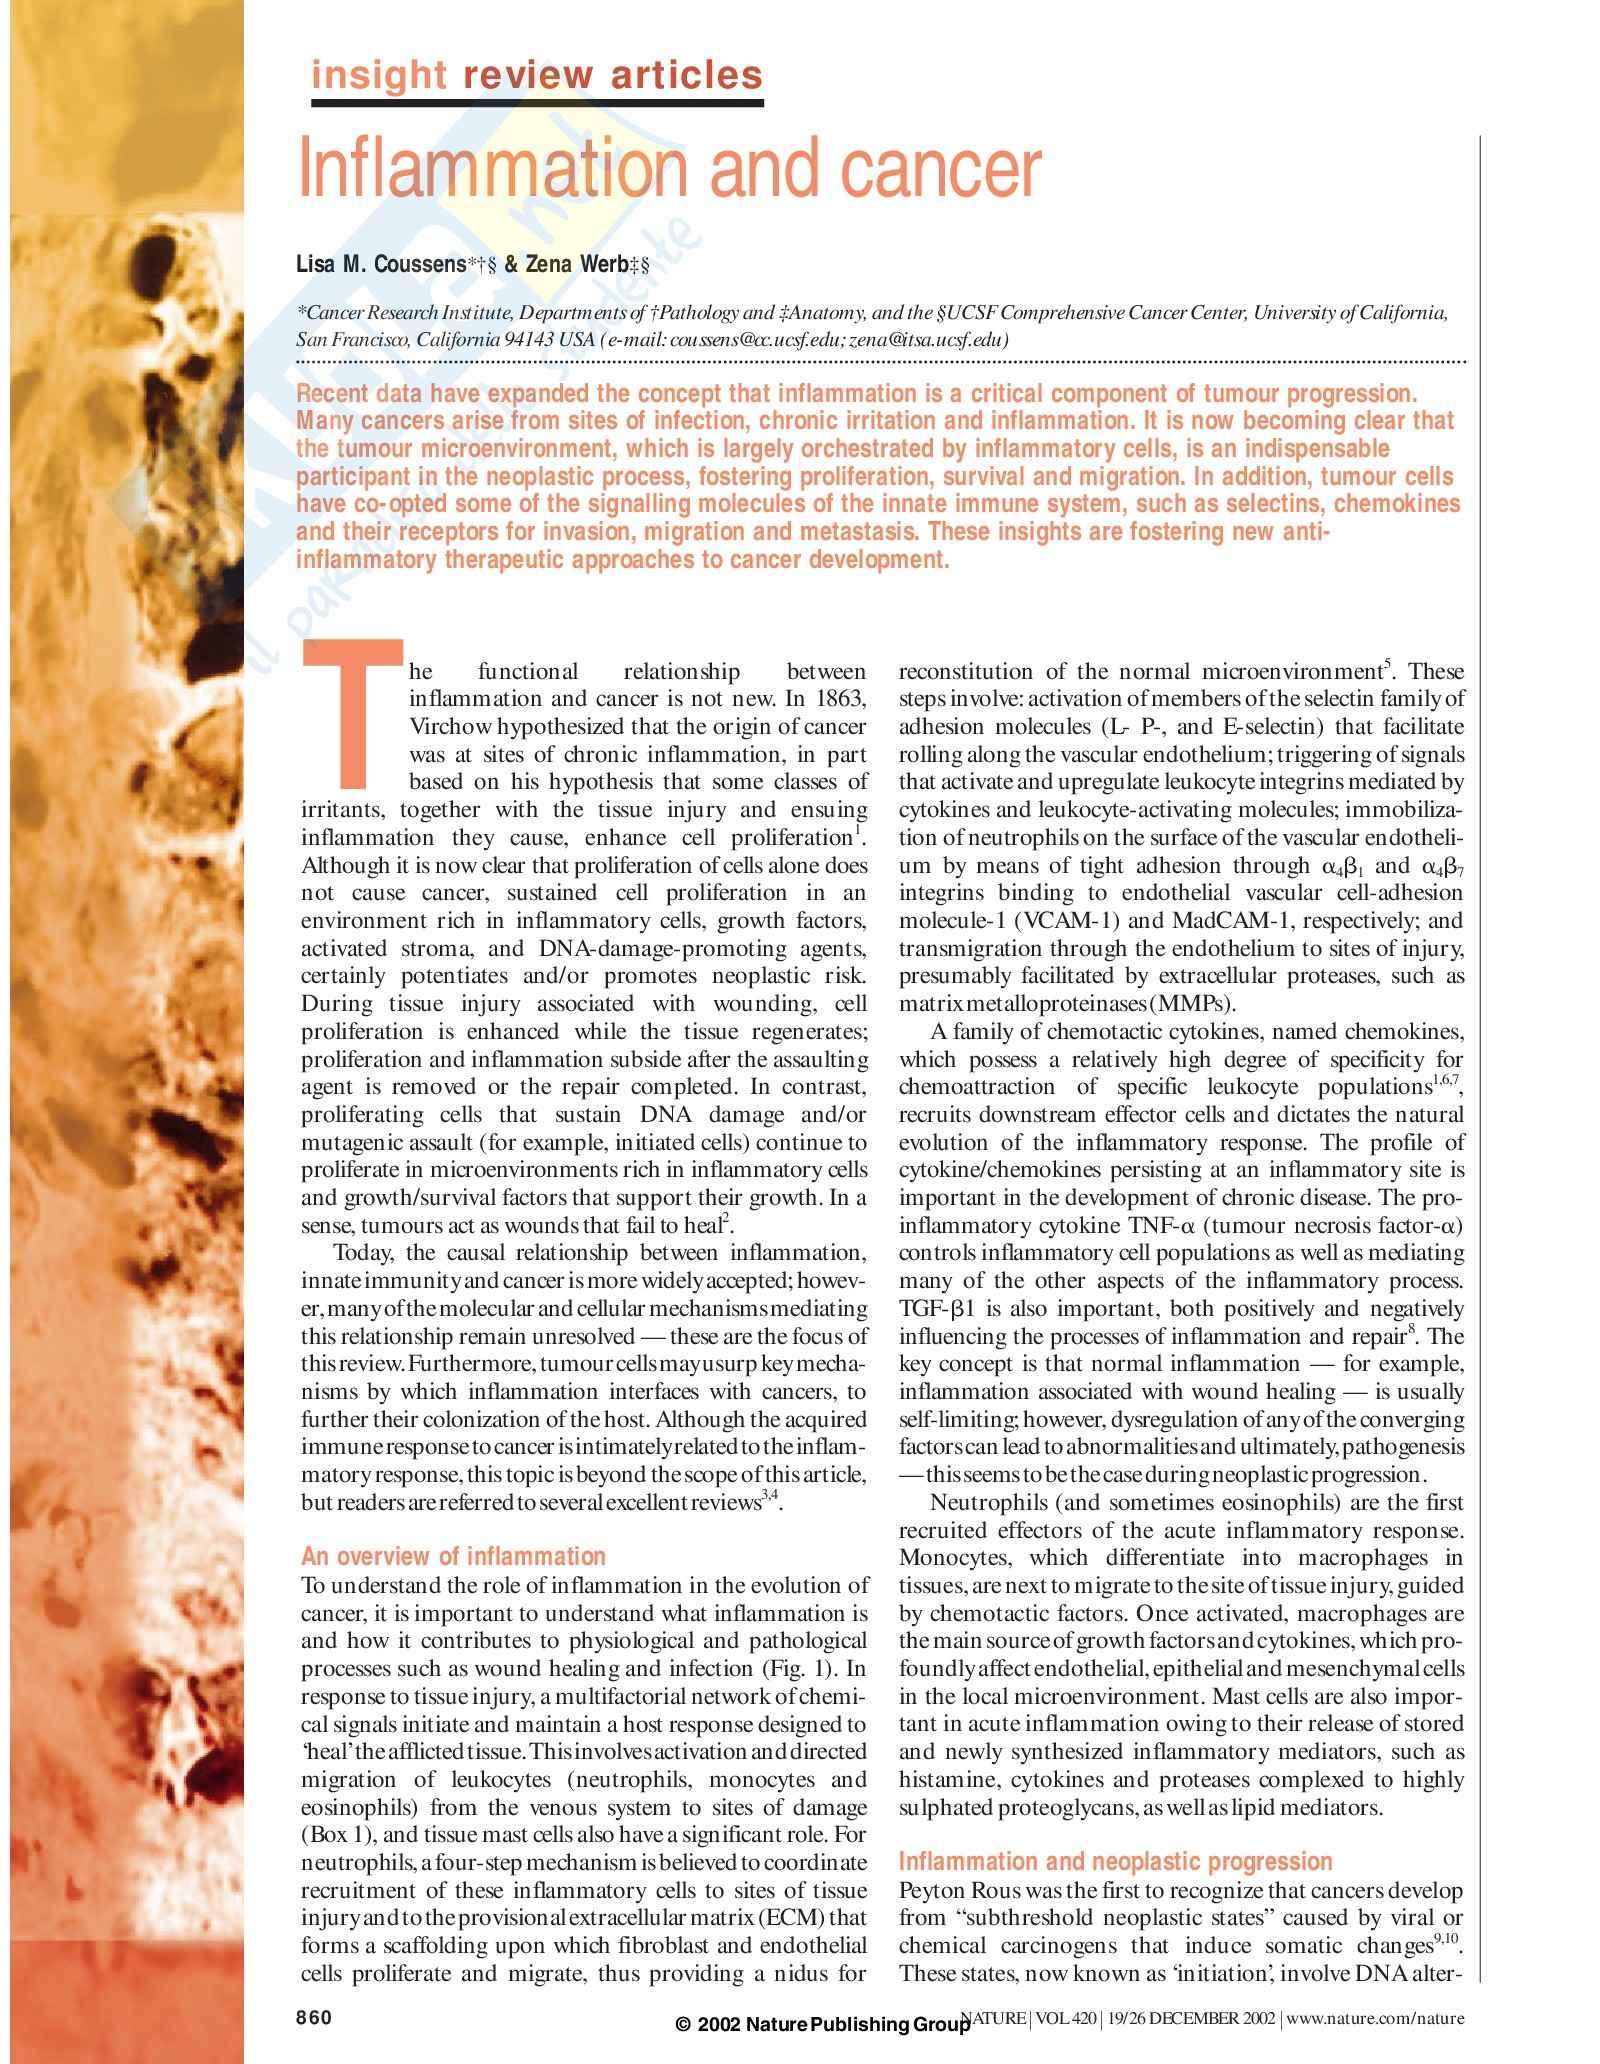 Patologia e fisiopatologia generale - infiammazione e tumori seconda parte